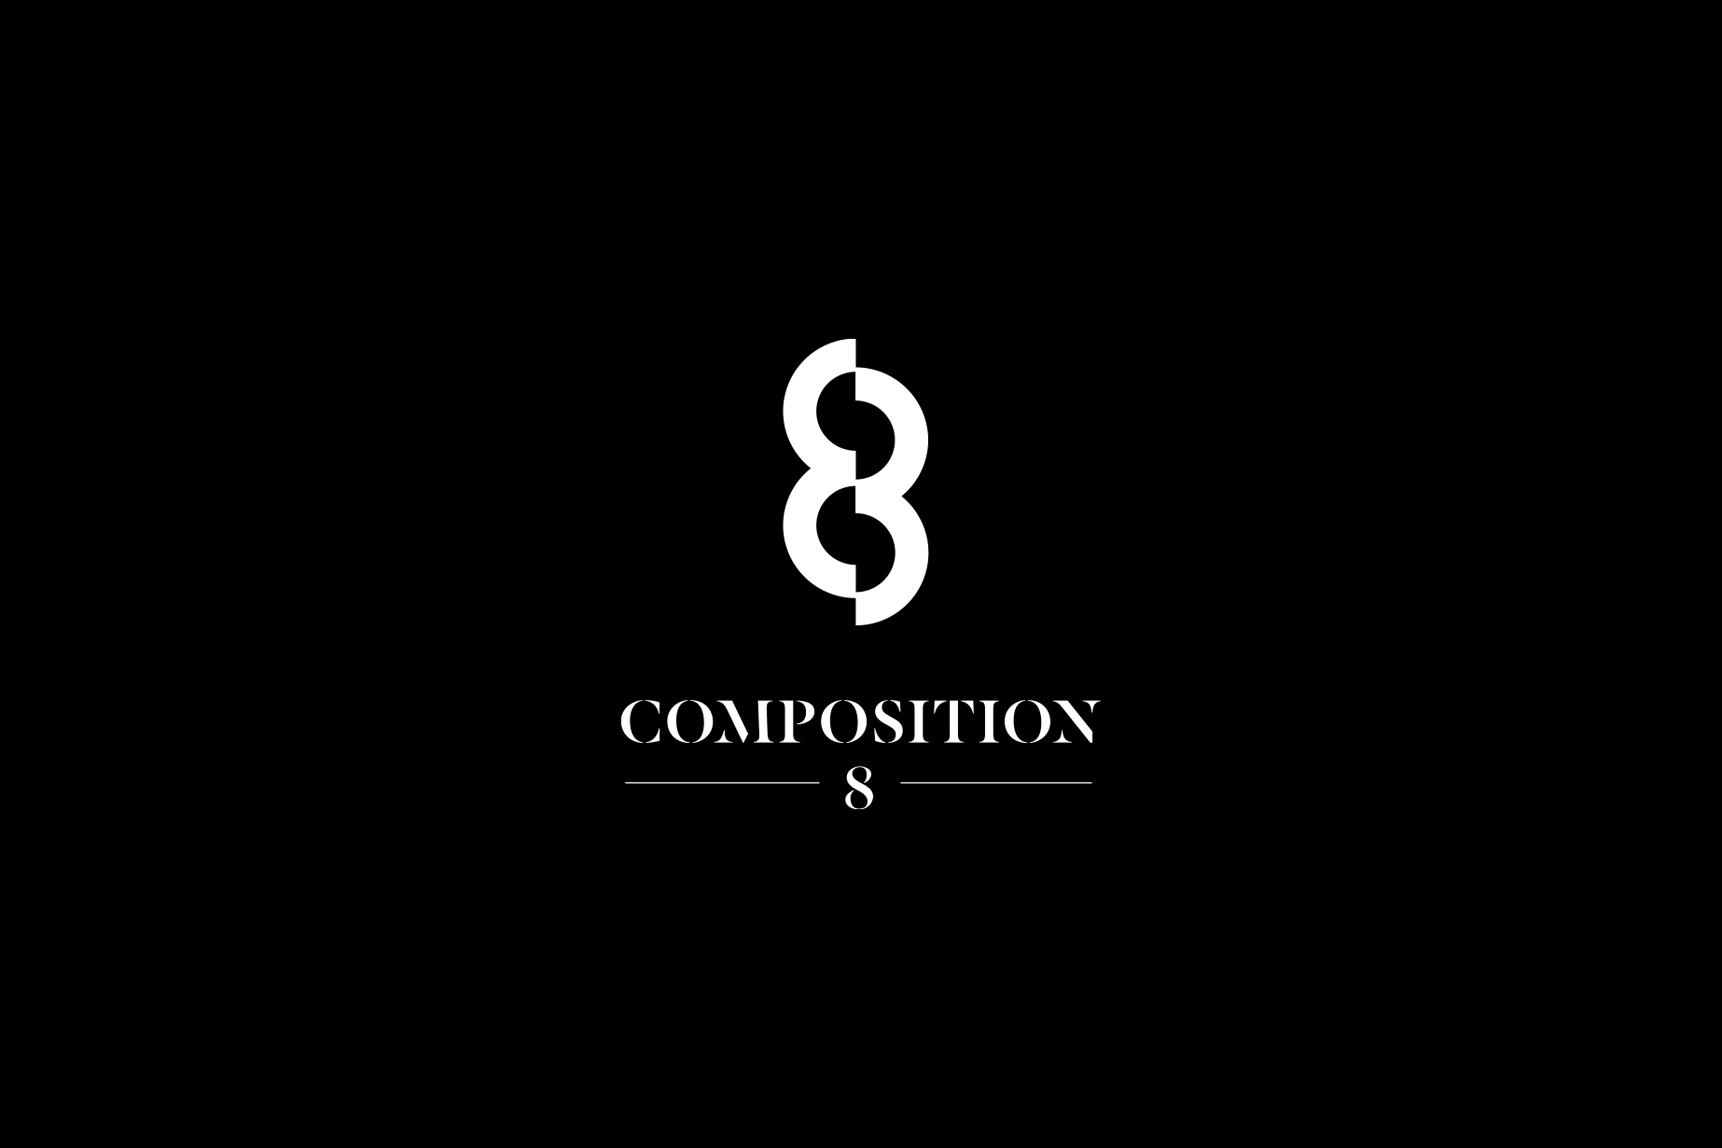 composition8